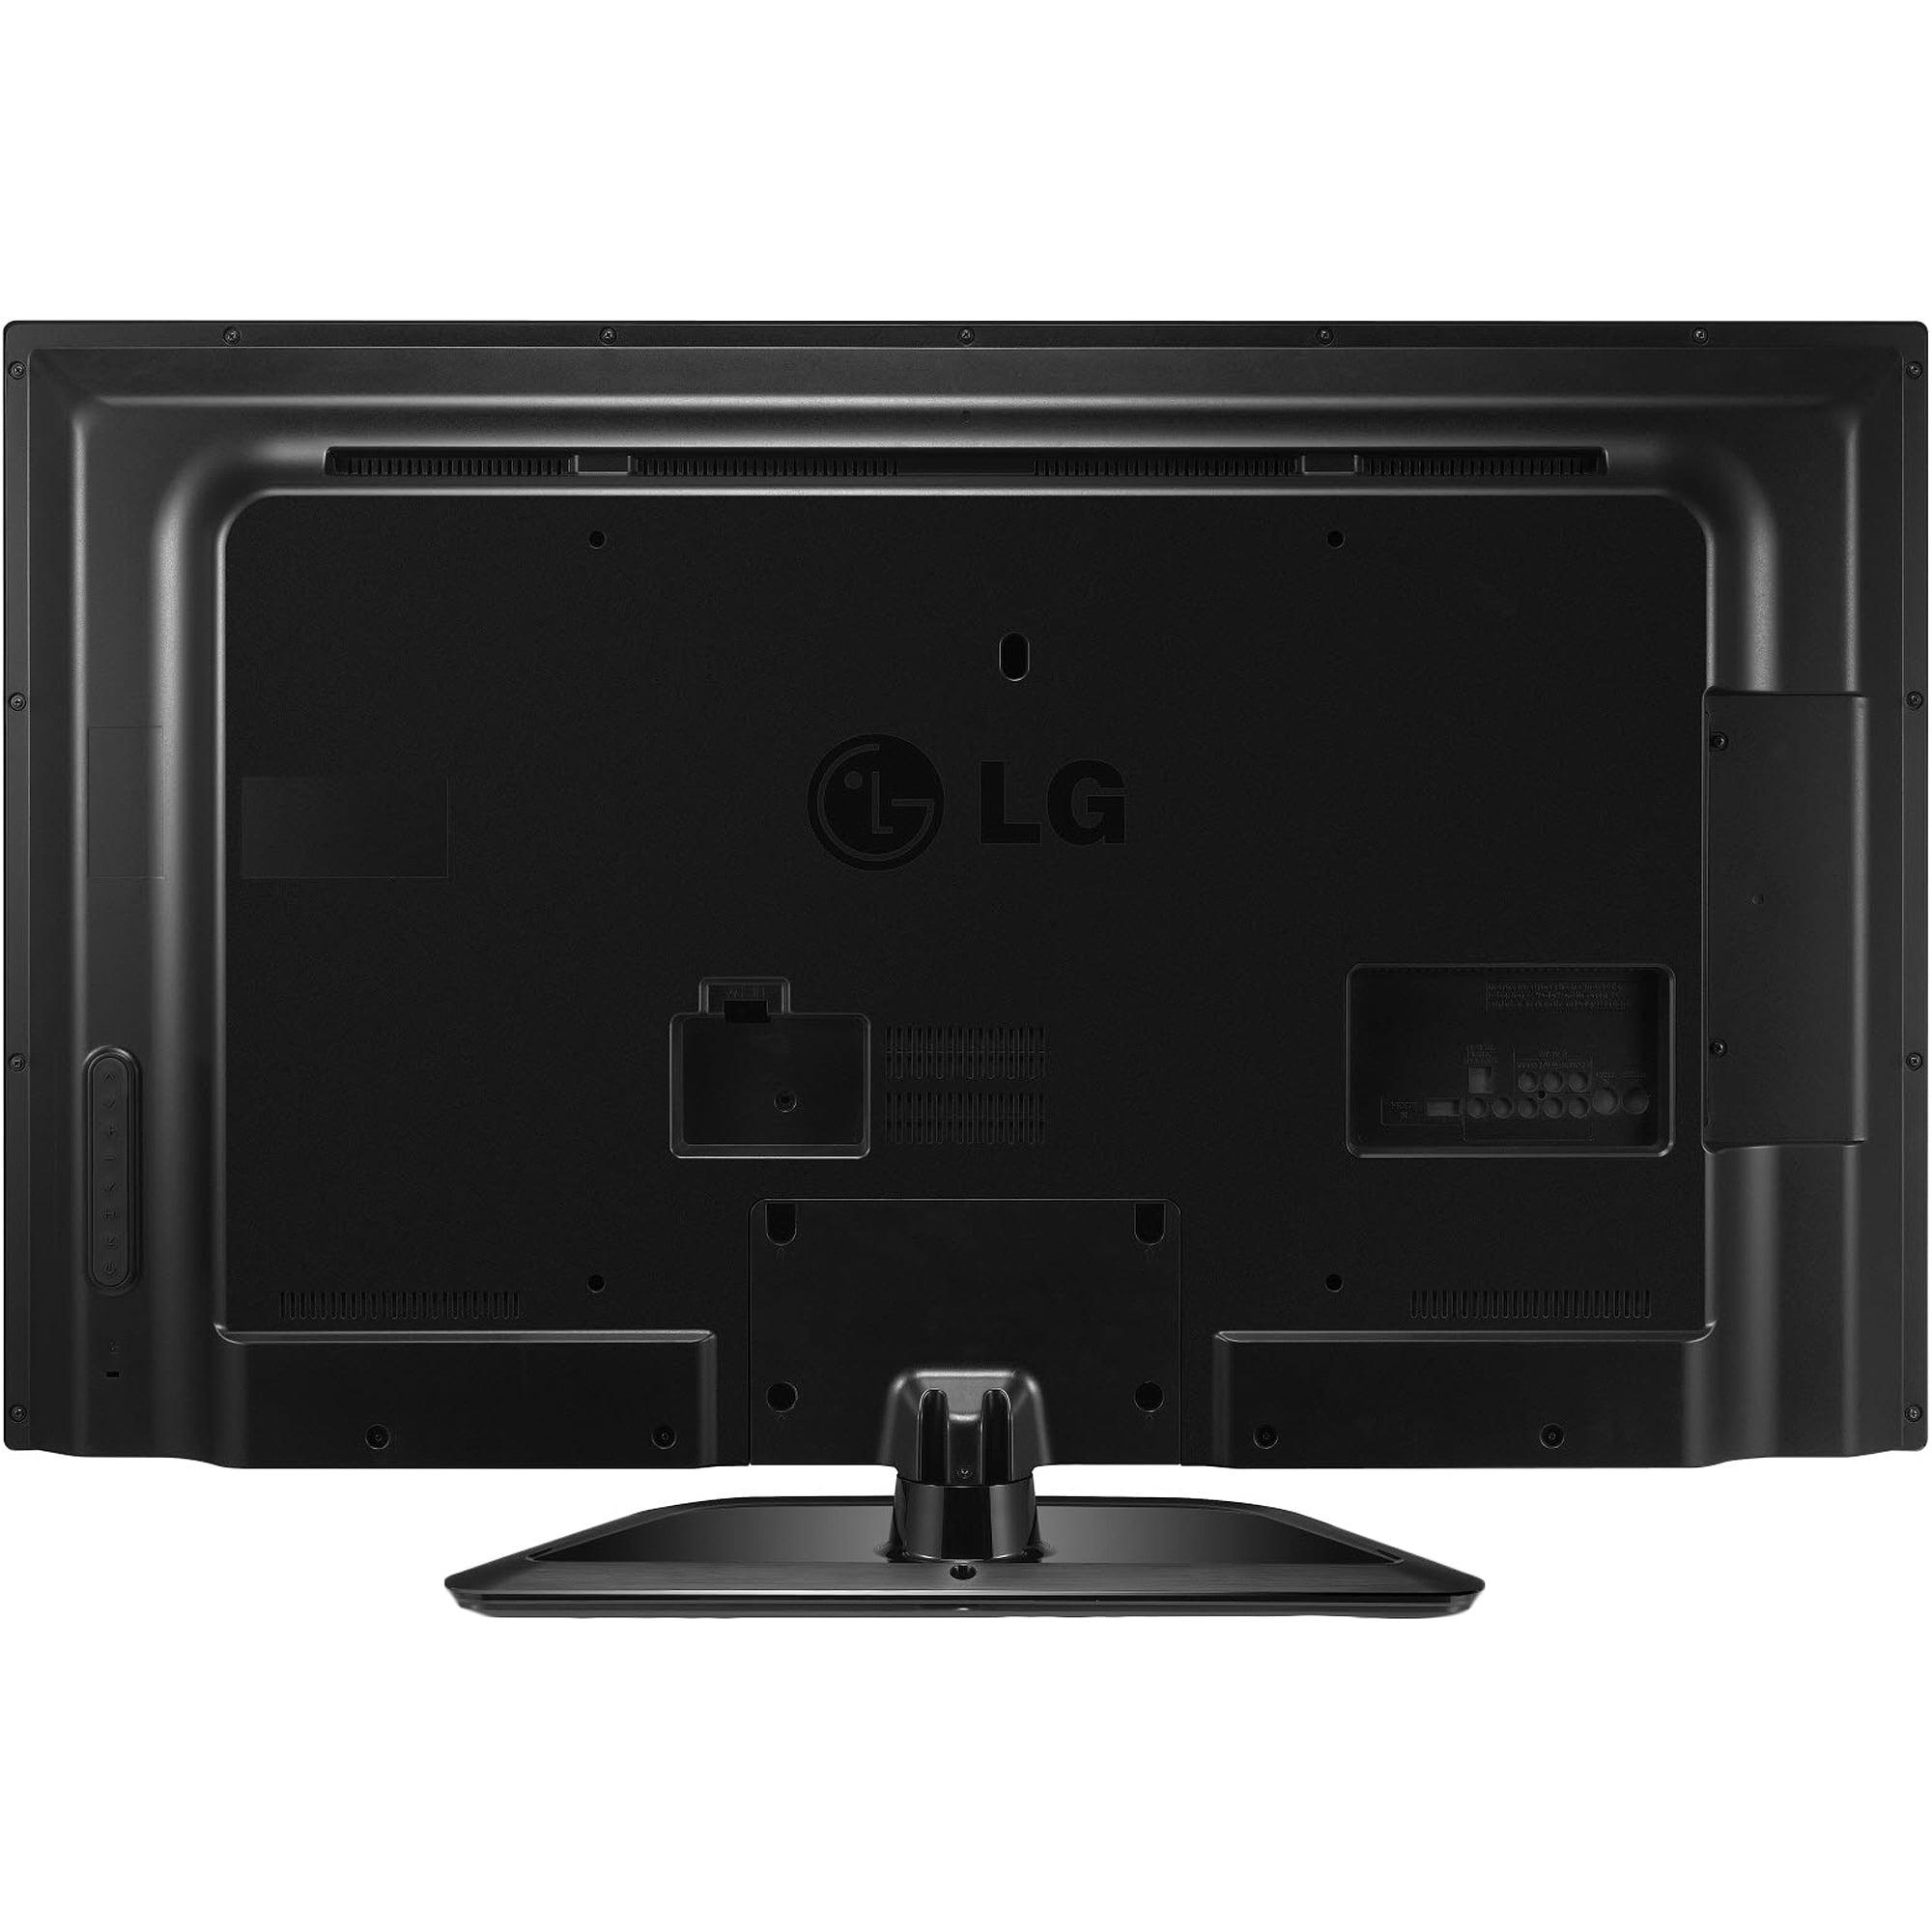 LG 32LN530B TV 64Bit